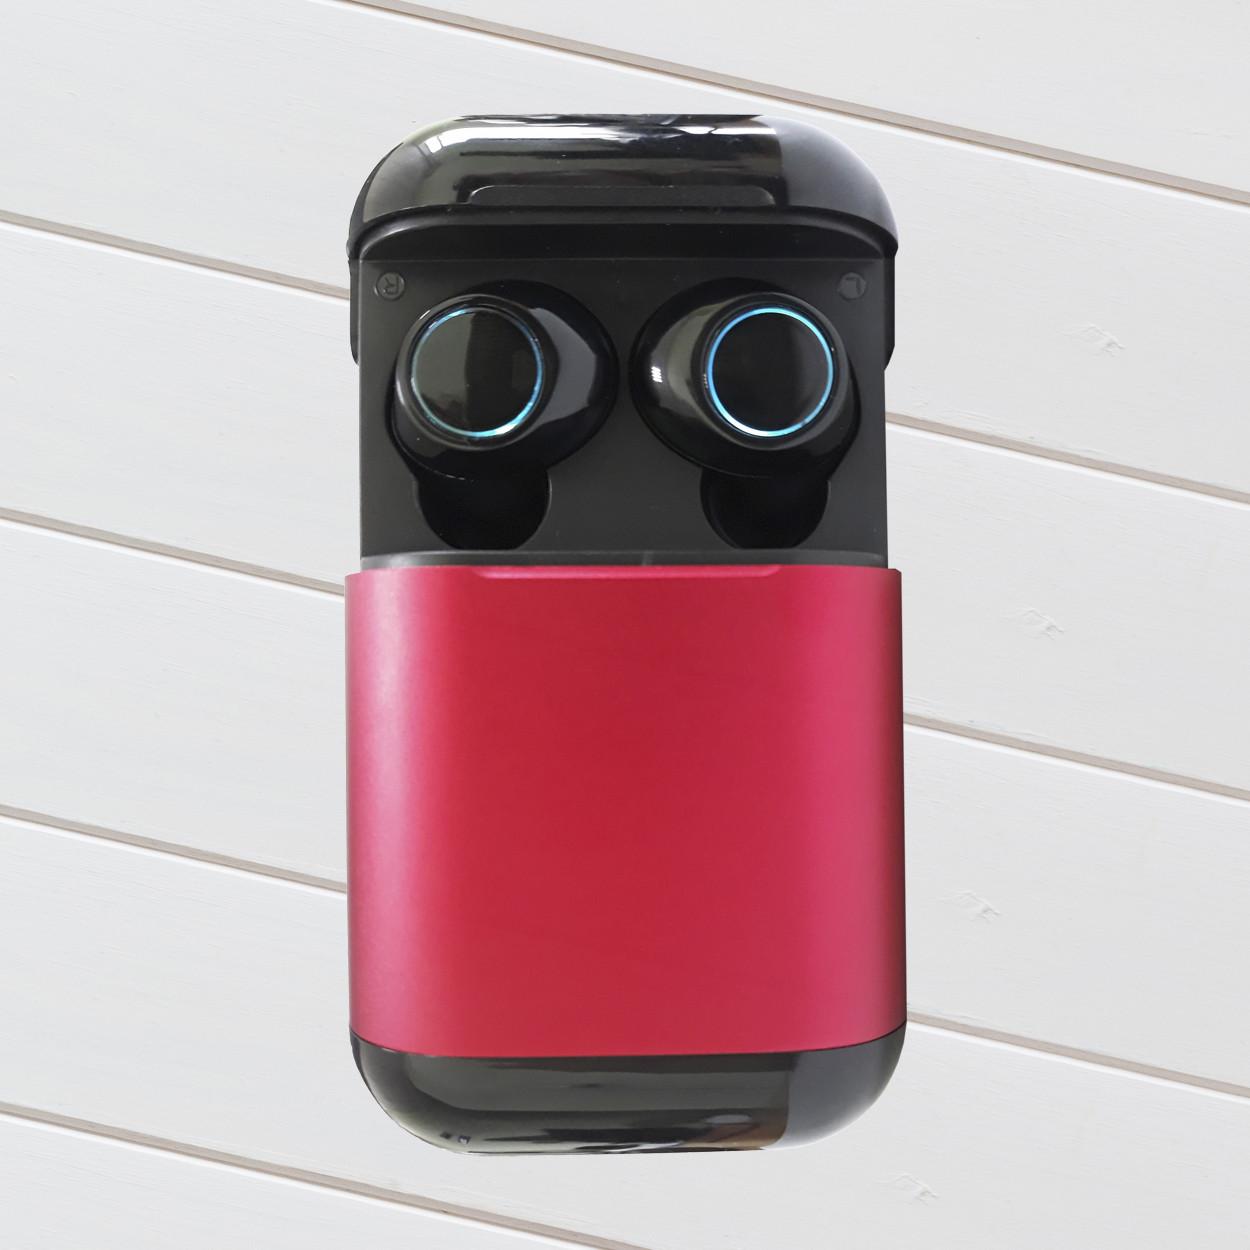 Wi-pods S7 Bluetooth наушники беспроводные водонепроницаемые с зарядным чехлом-кейсом. RED Оригинал